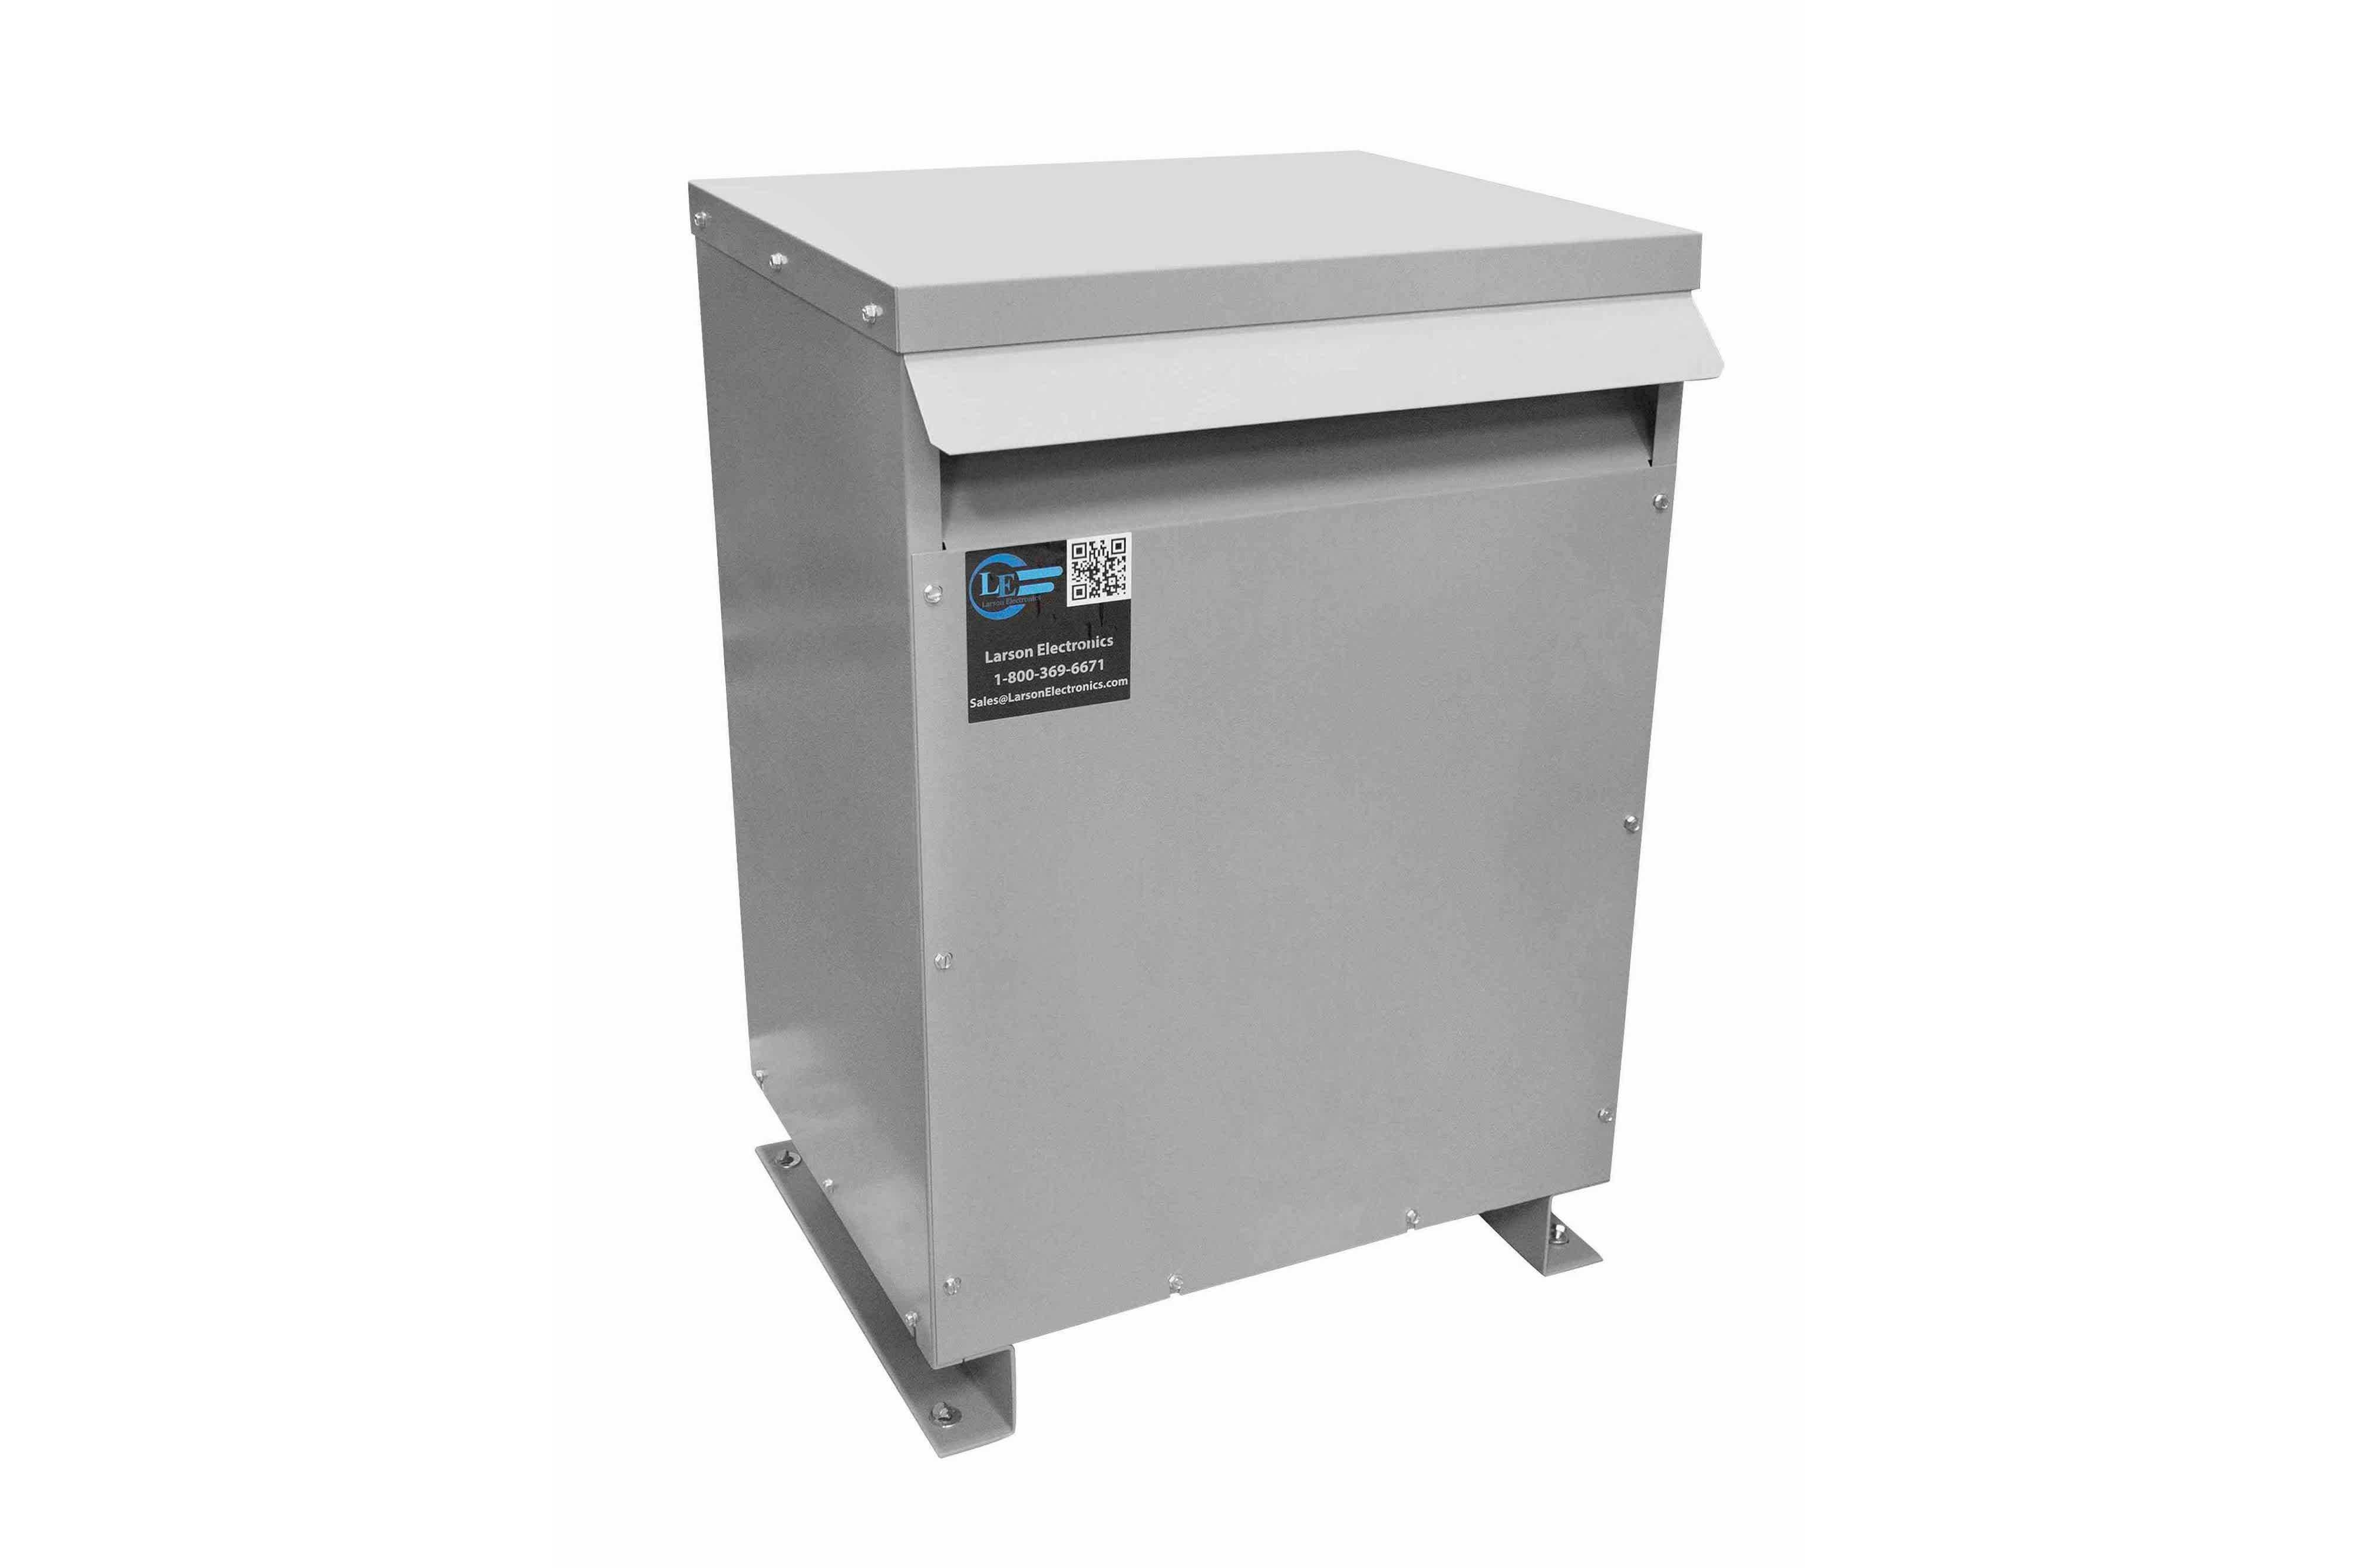 10 kVA 3PH Isolation Transformer, 208V Delta Primary, 208V Delta Secondary, N3R, Ventilated, 60 Hz